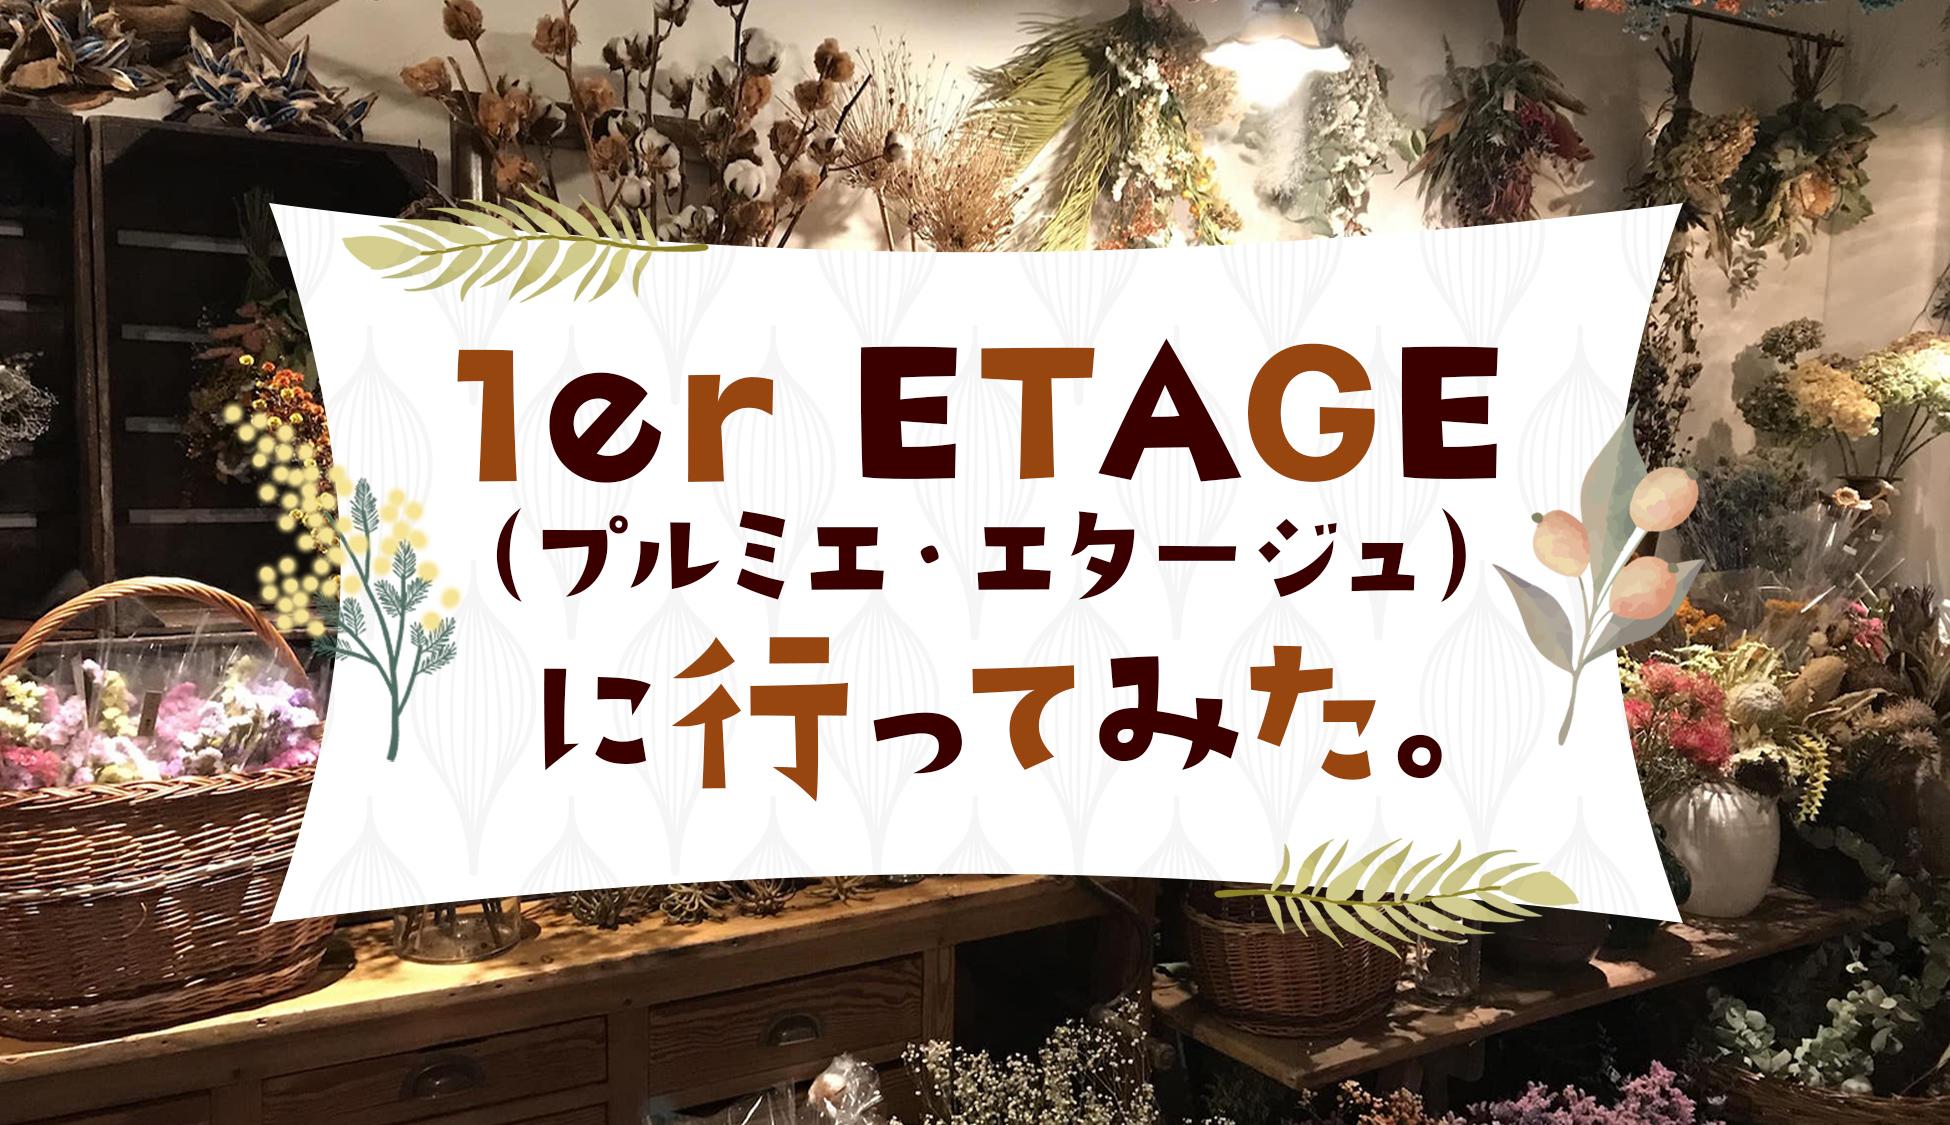 1er ETAGE(プルミエ・エタージュ)に行ってみた